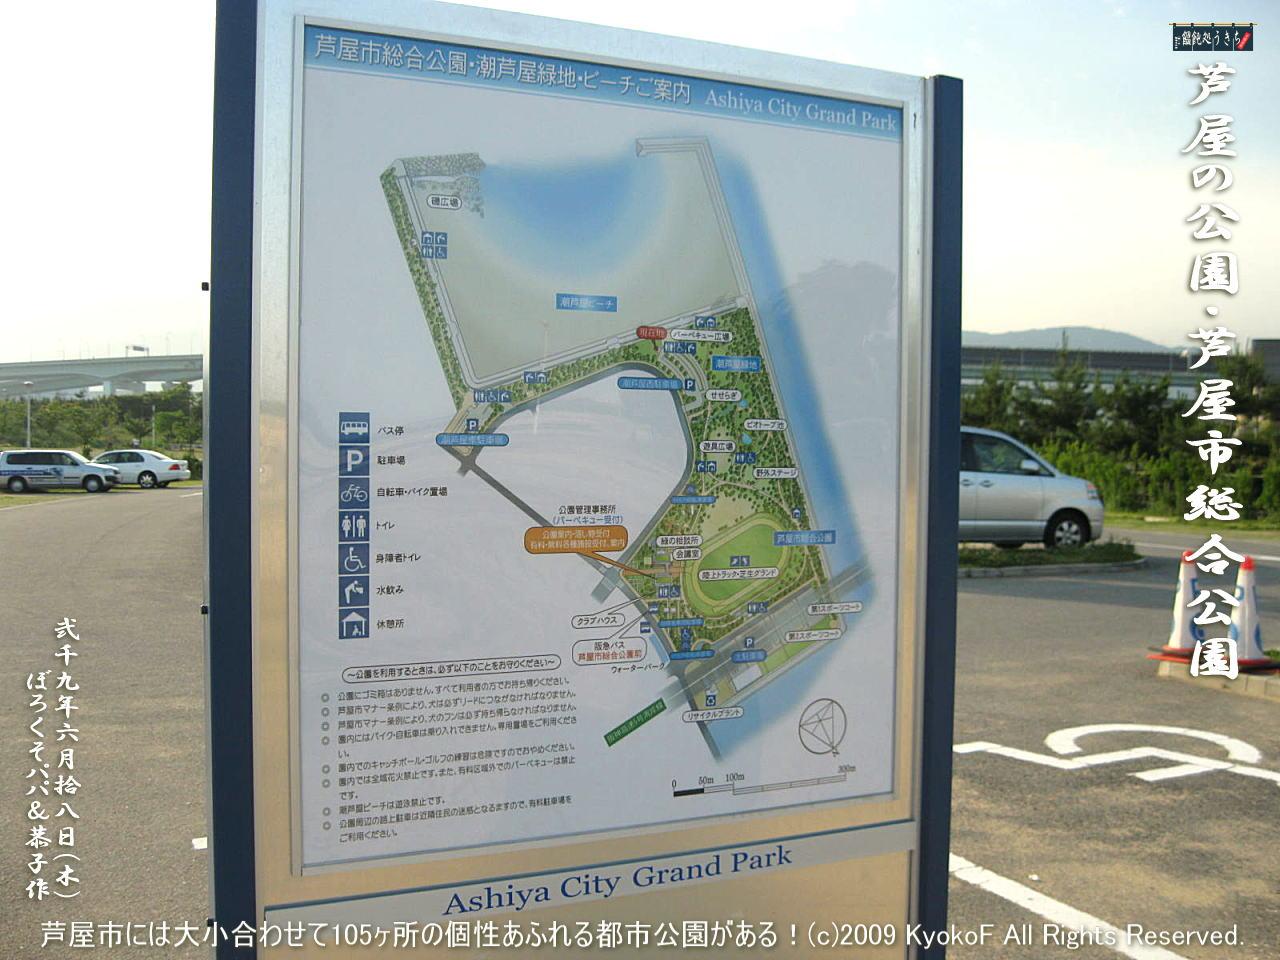 6/18(木)【芦屋の公園】芦屋市には大小合わせて105ヶ所の個性あふれる都市公園がある!@キャツピ&めん吉の【ぼろくそパパの独り言】     ▼クリックで1280x960pxlsに拡大します。